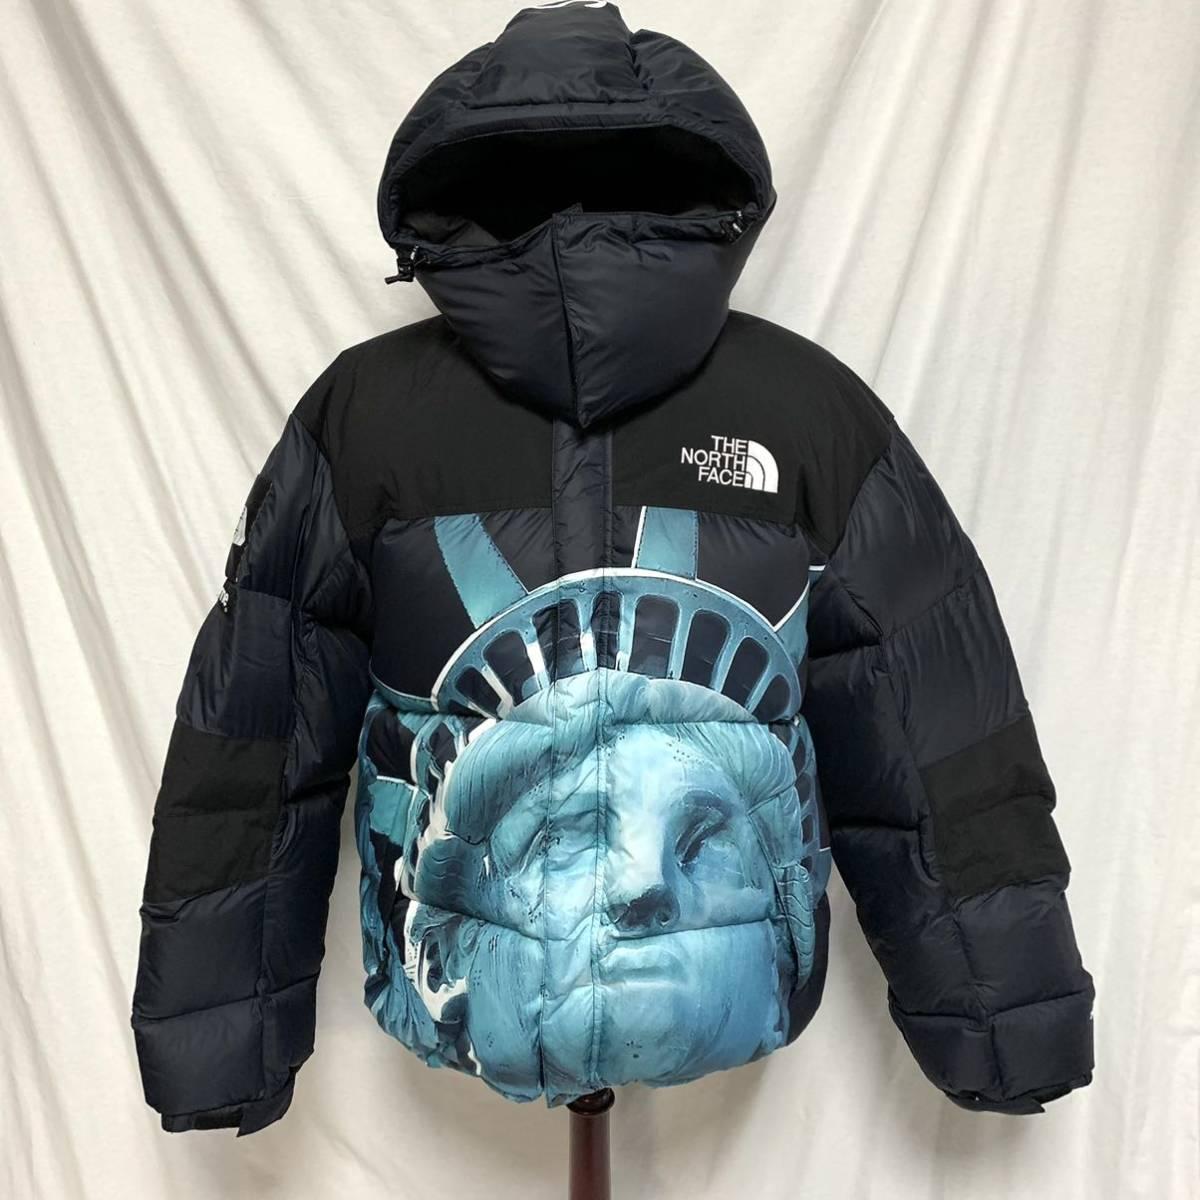 美品Supreme 19AW The North Face Statue of Liberty Baltoro Jacket シュプリーム ザノースフェイス 自由の女神 バルトロダウンジャケット_画像1